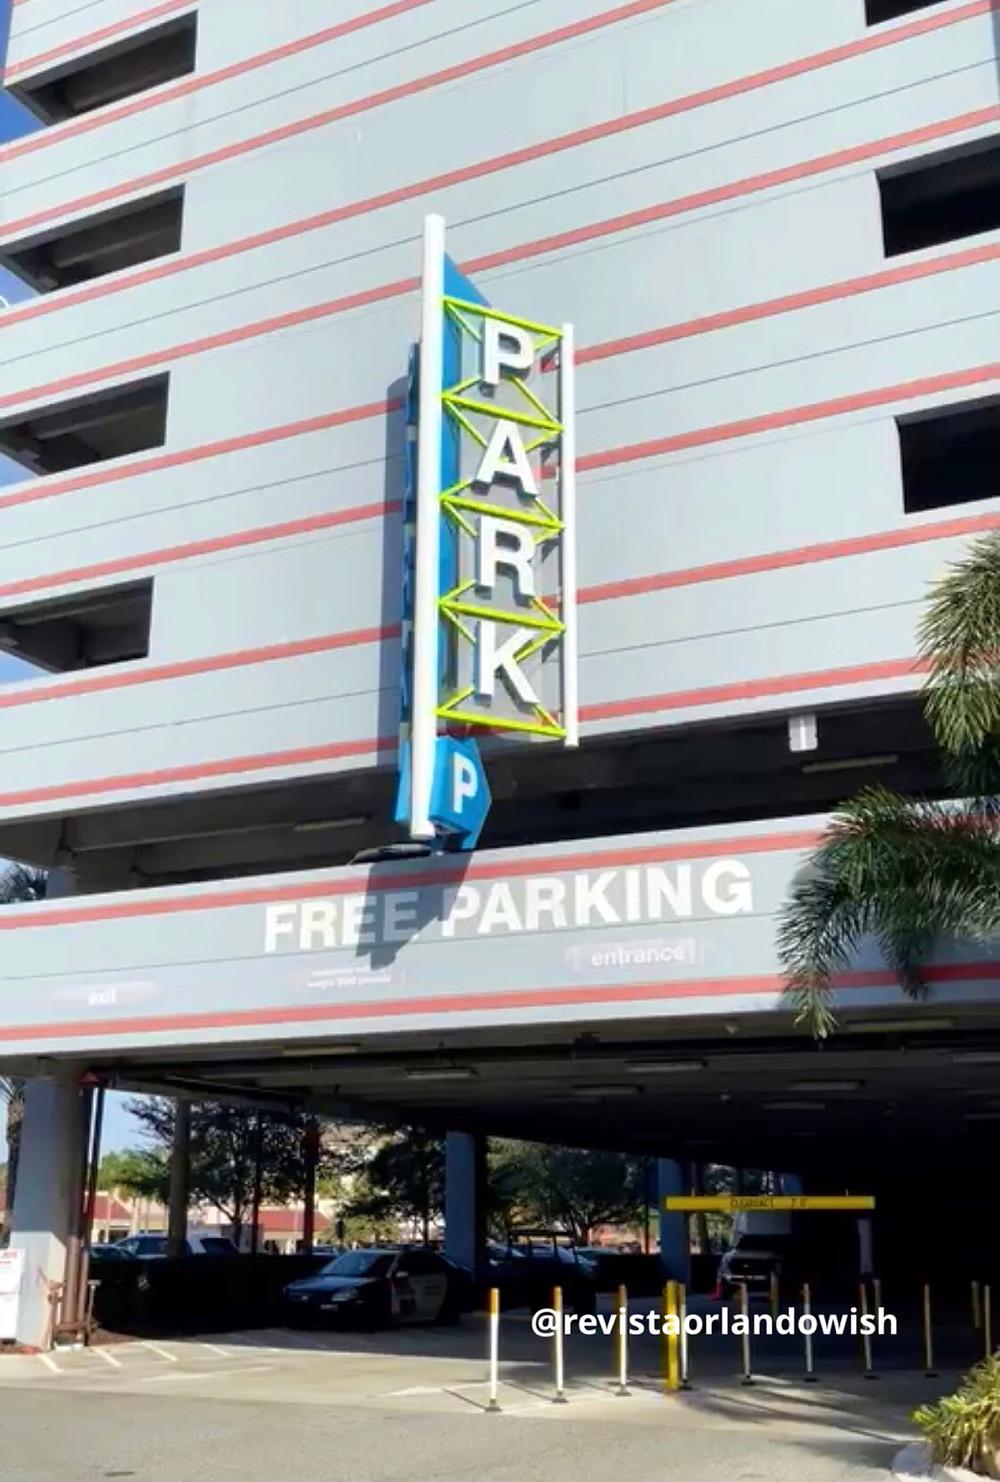 estacionamento gratuito em Orlando